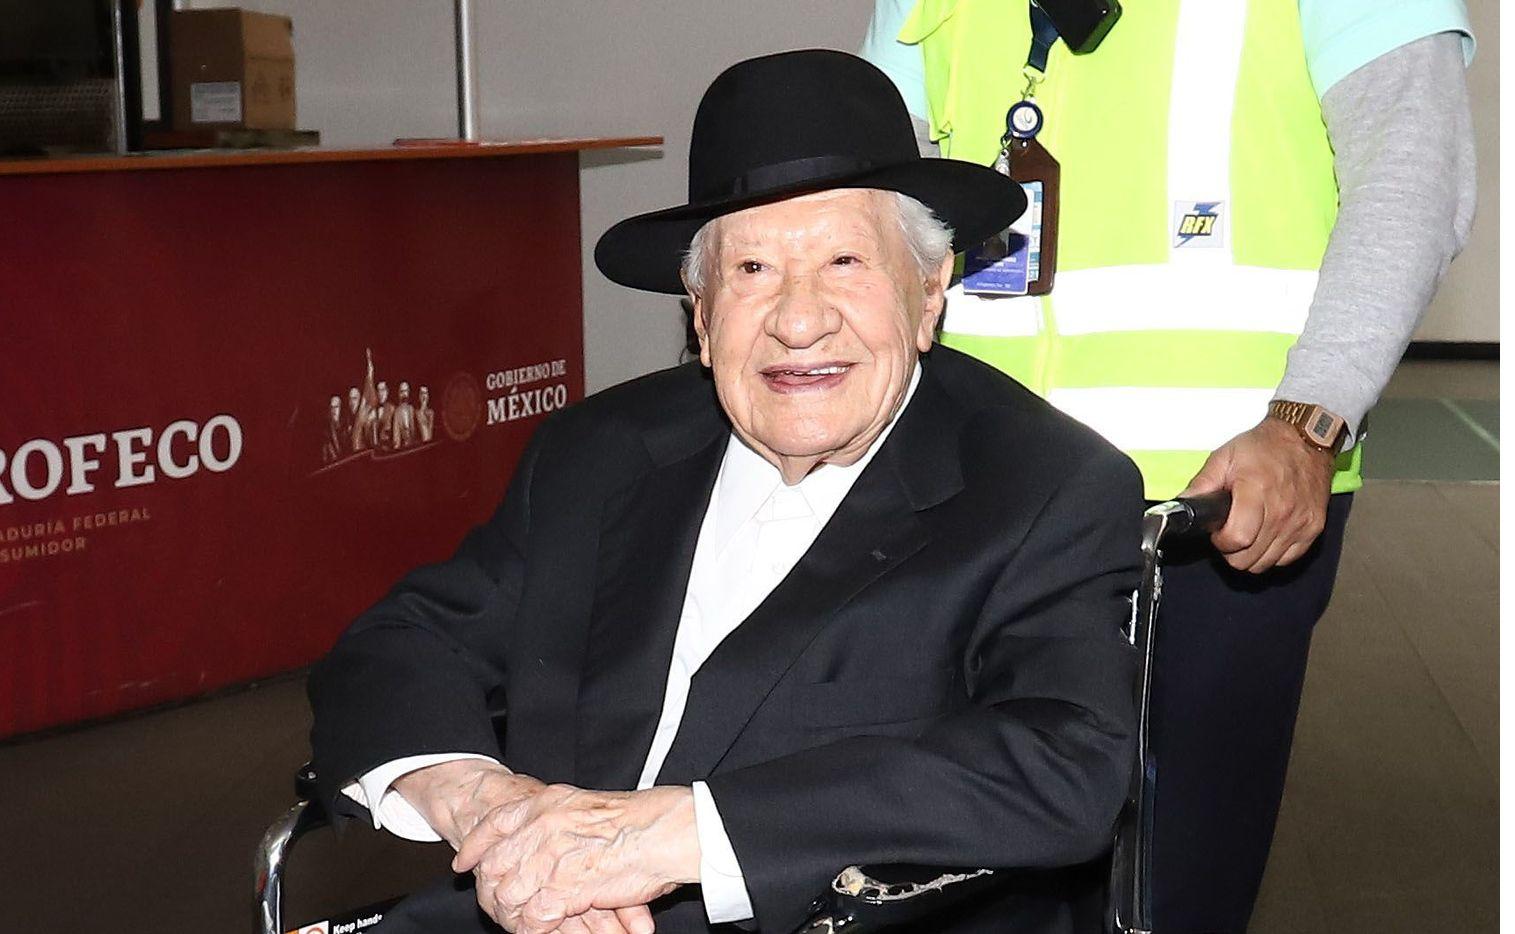 Ignacio López Tarso, de 97 años, es una leyenda del cine mexicano.